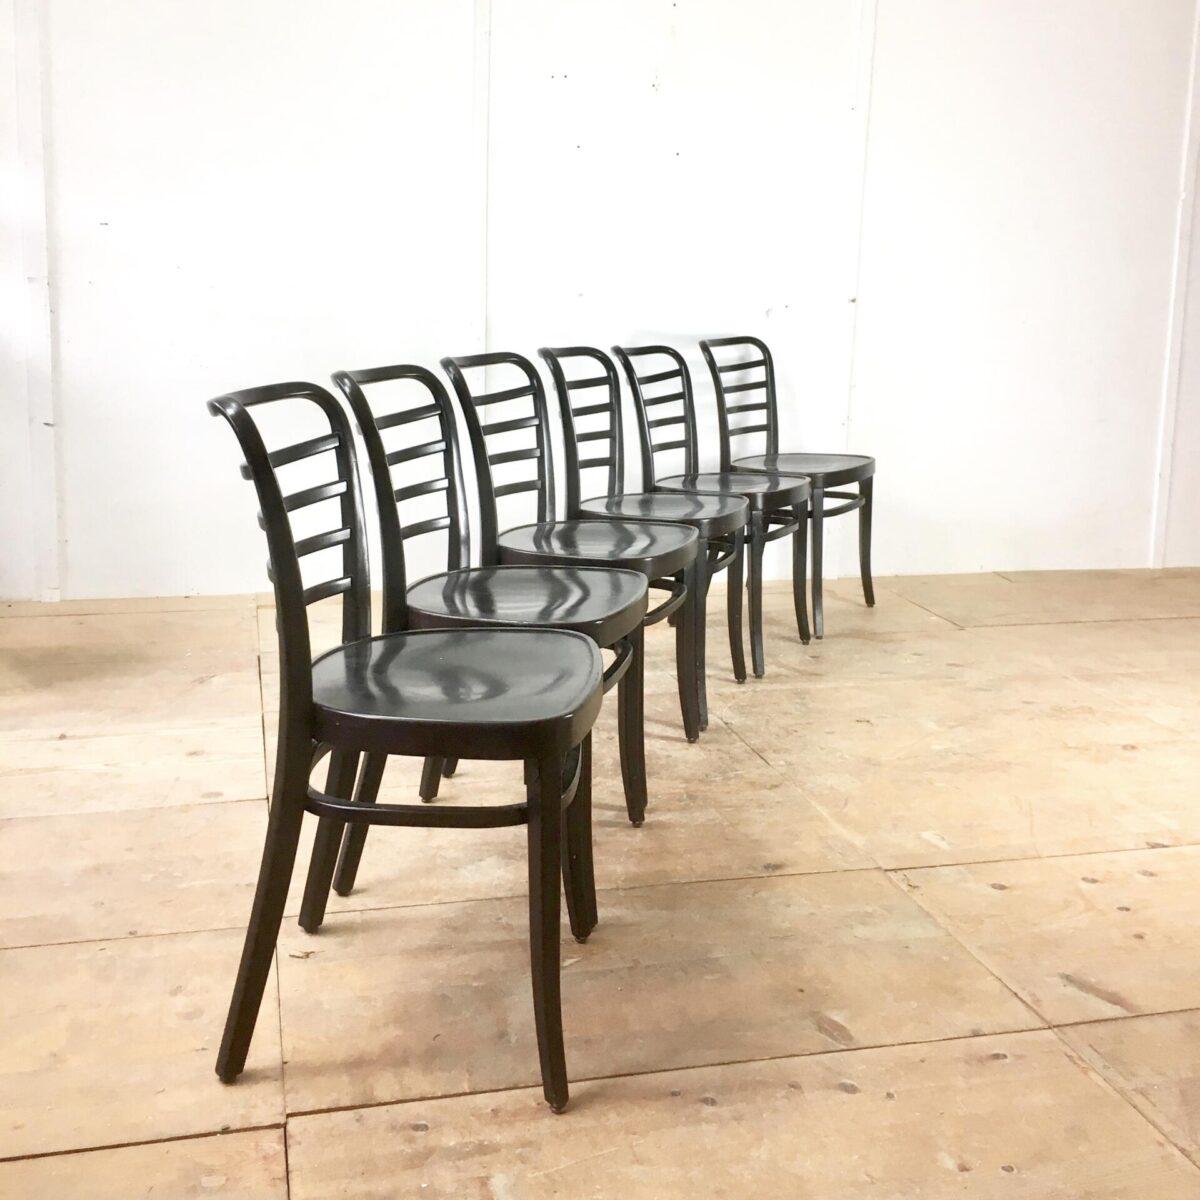 Restaurant Stühle. 43 Esszimmer Stühle preis pro Stuhl. Schwarze stabile Beizenstühle. Gute Gastronomie Qualität.